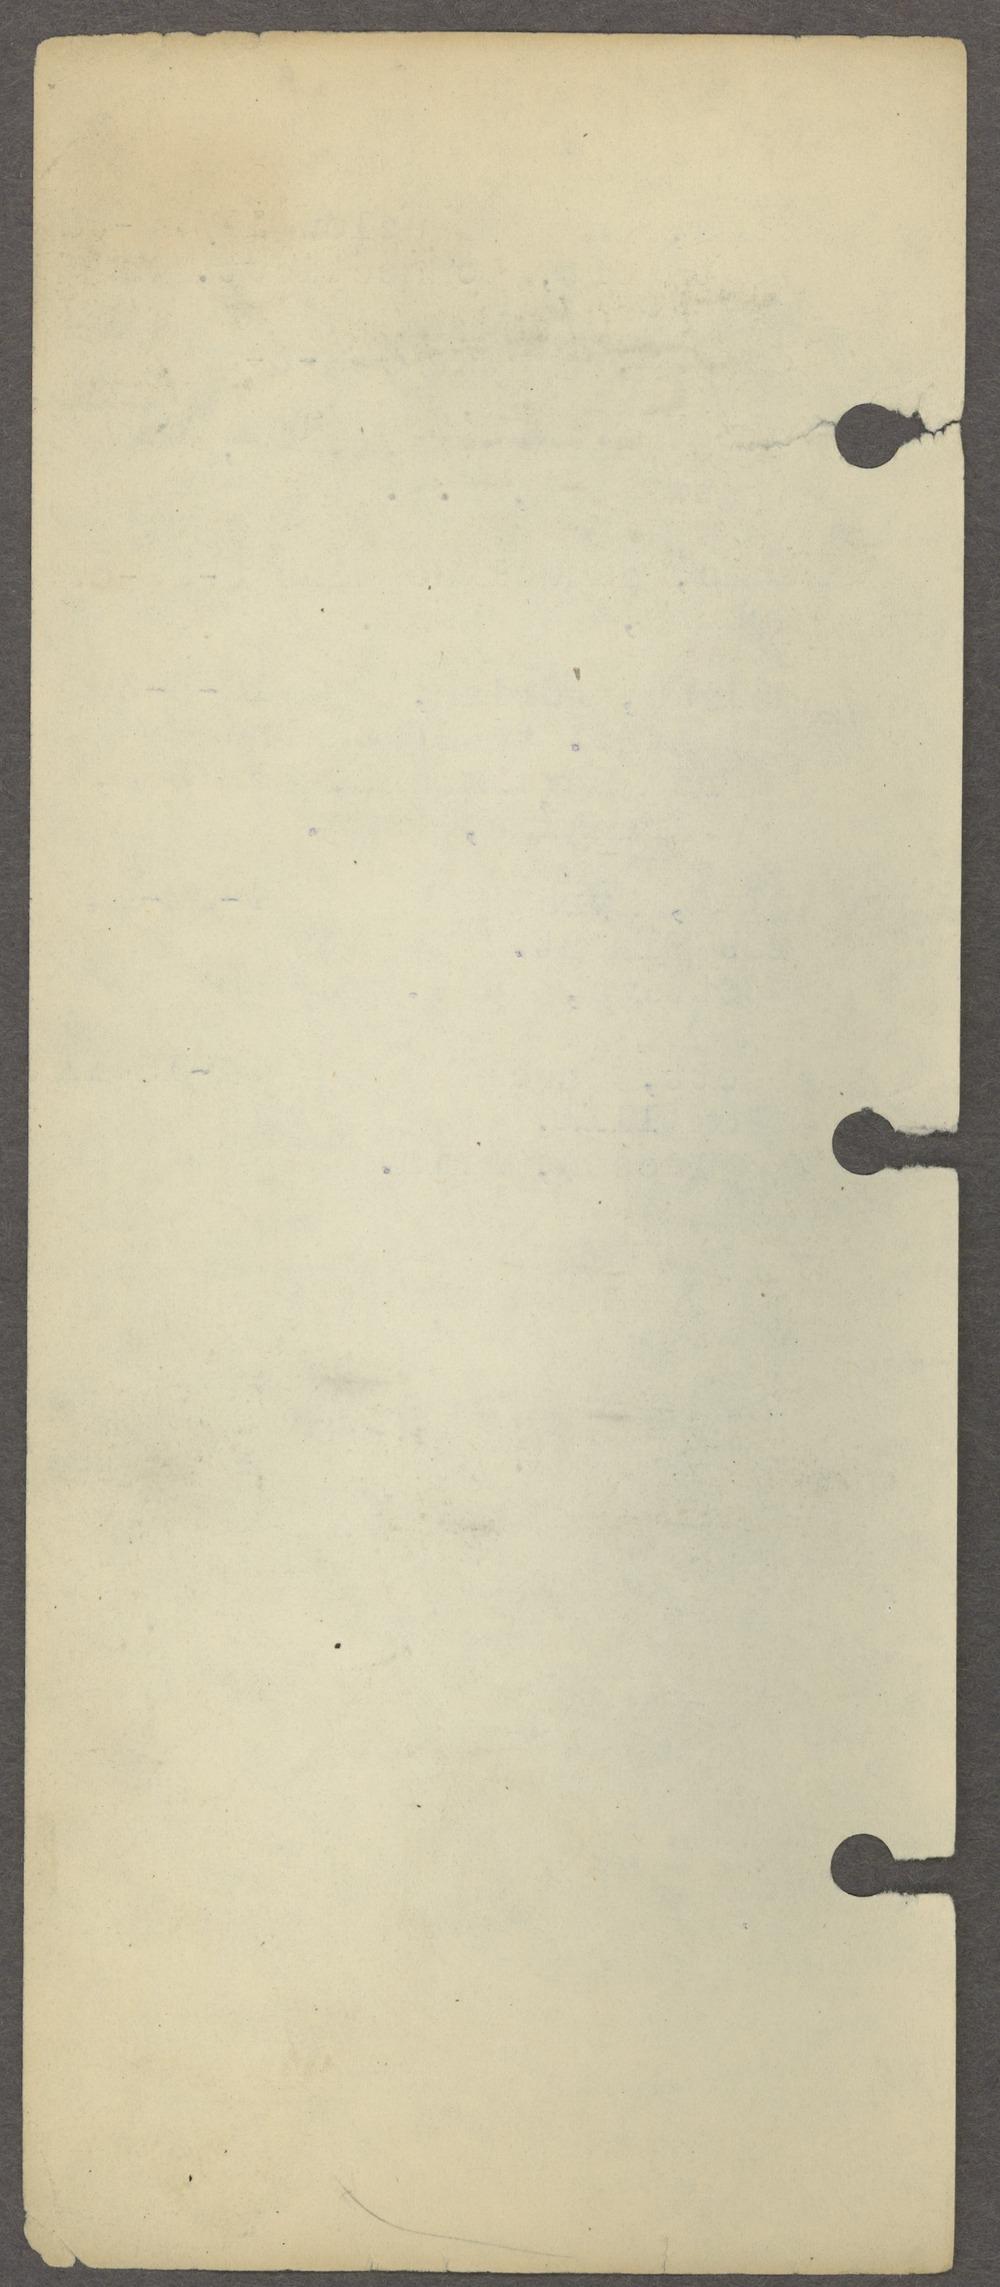 William Allen White address book - Blank page